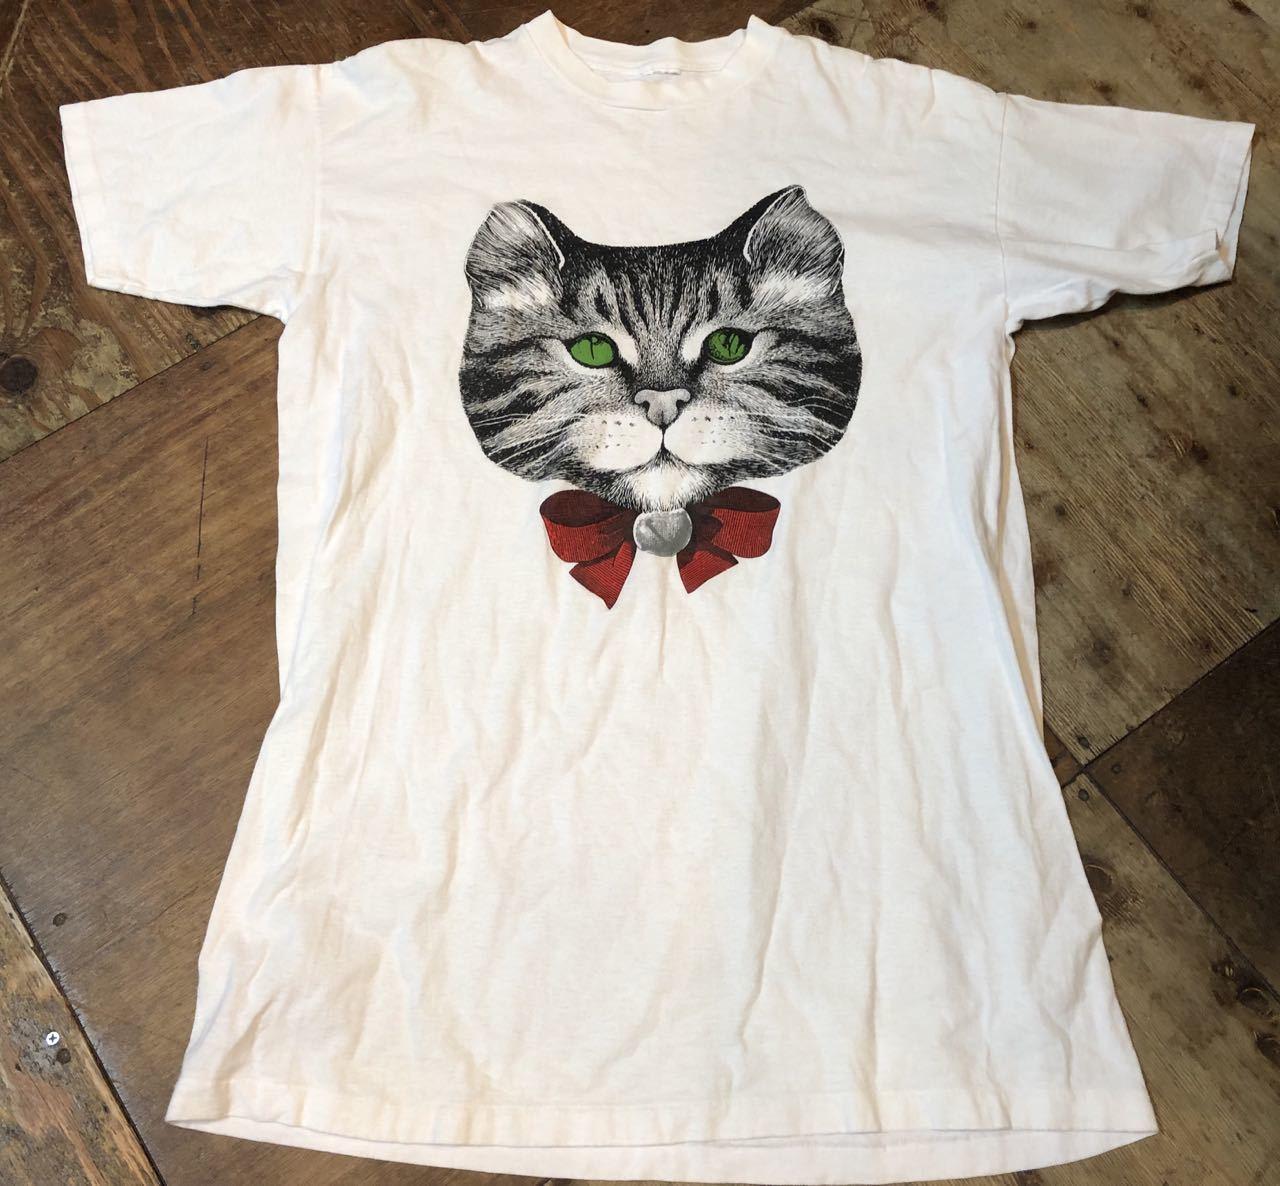 7月23日(火)入荷! リアルな猫Tシャツ!_c0144020_13184453.jpg